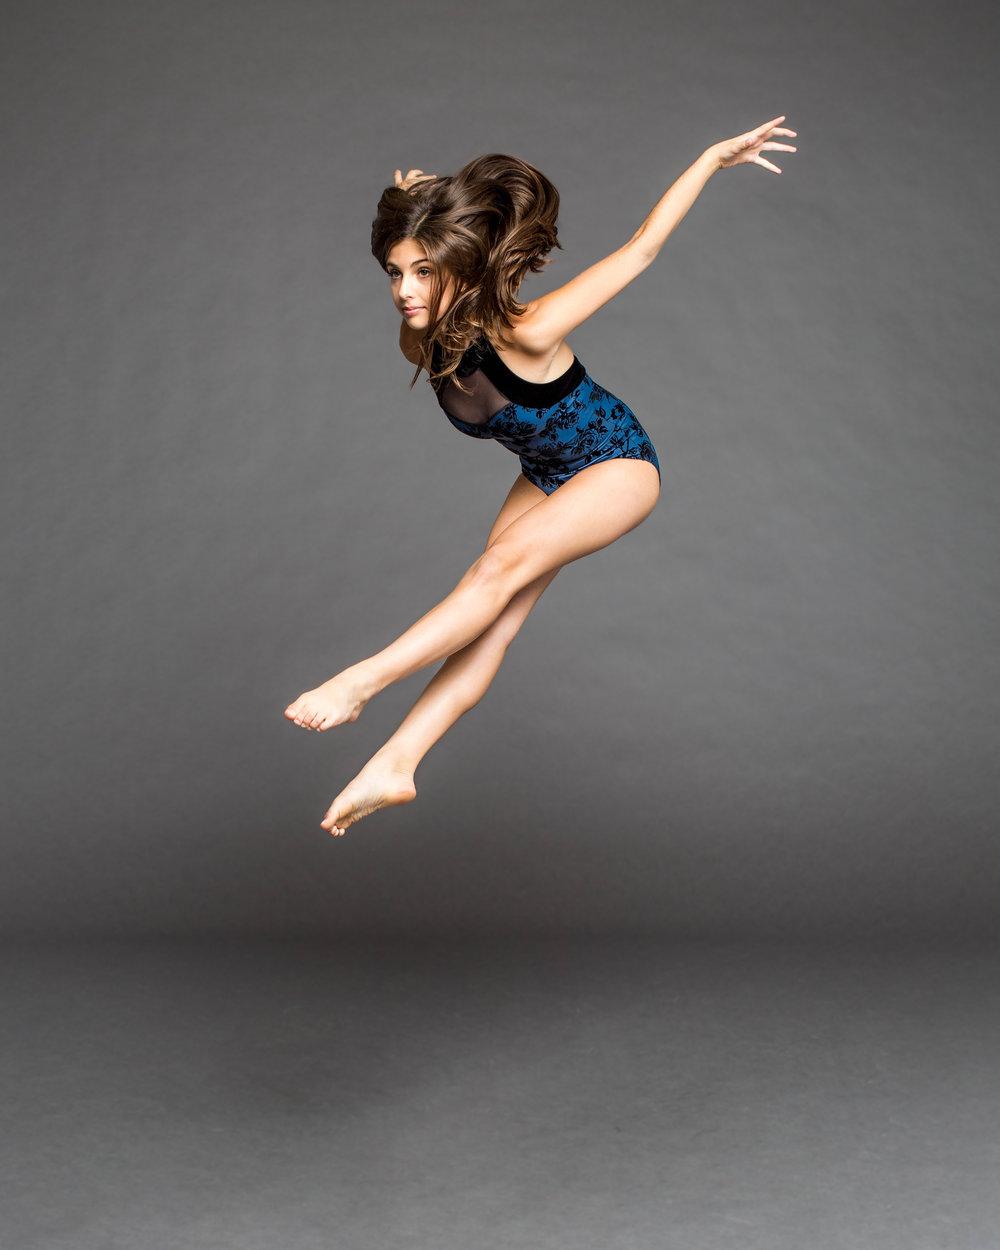 Sasha Zitser jump.jpg